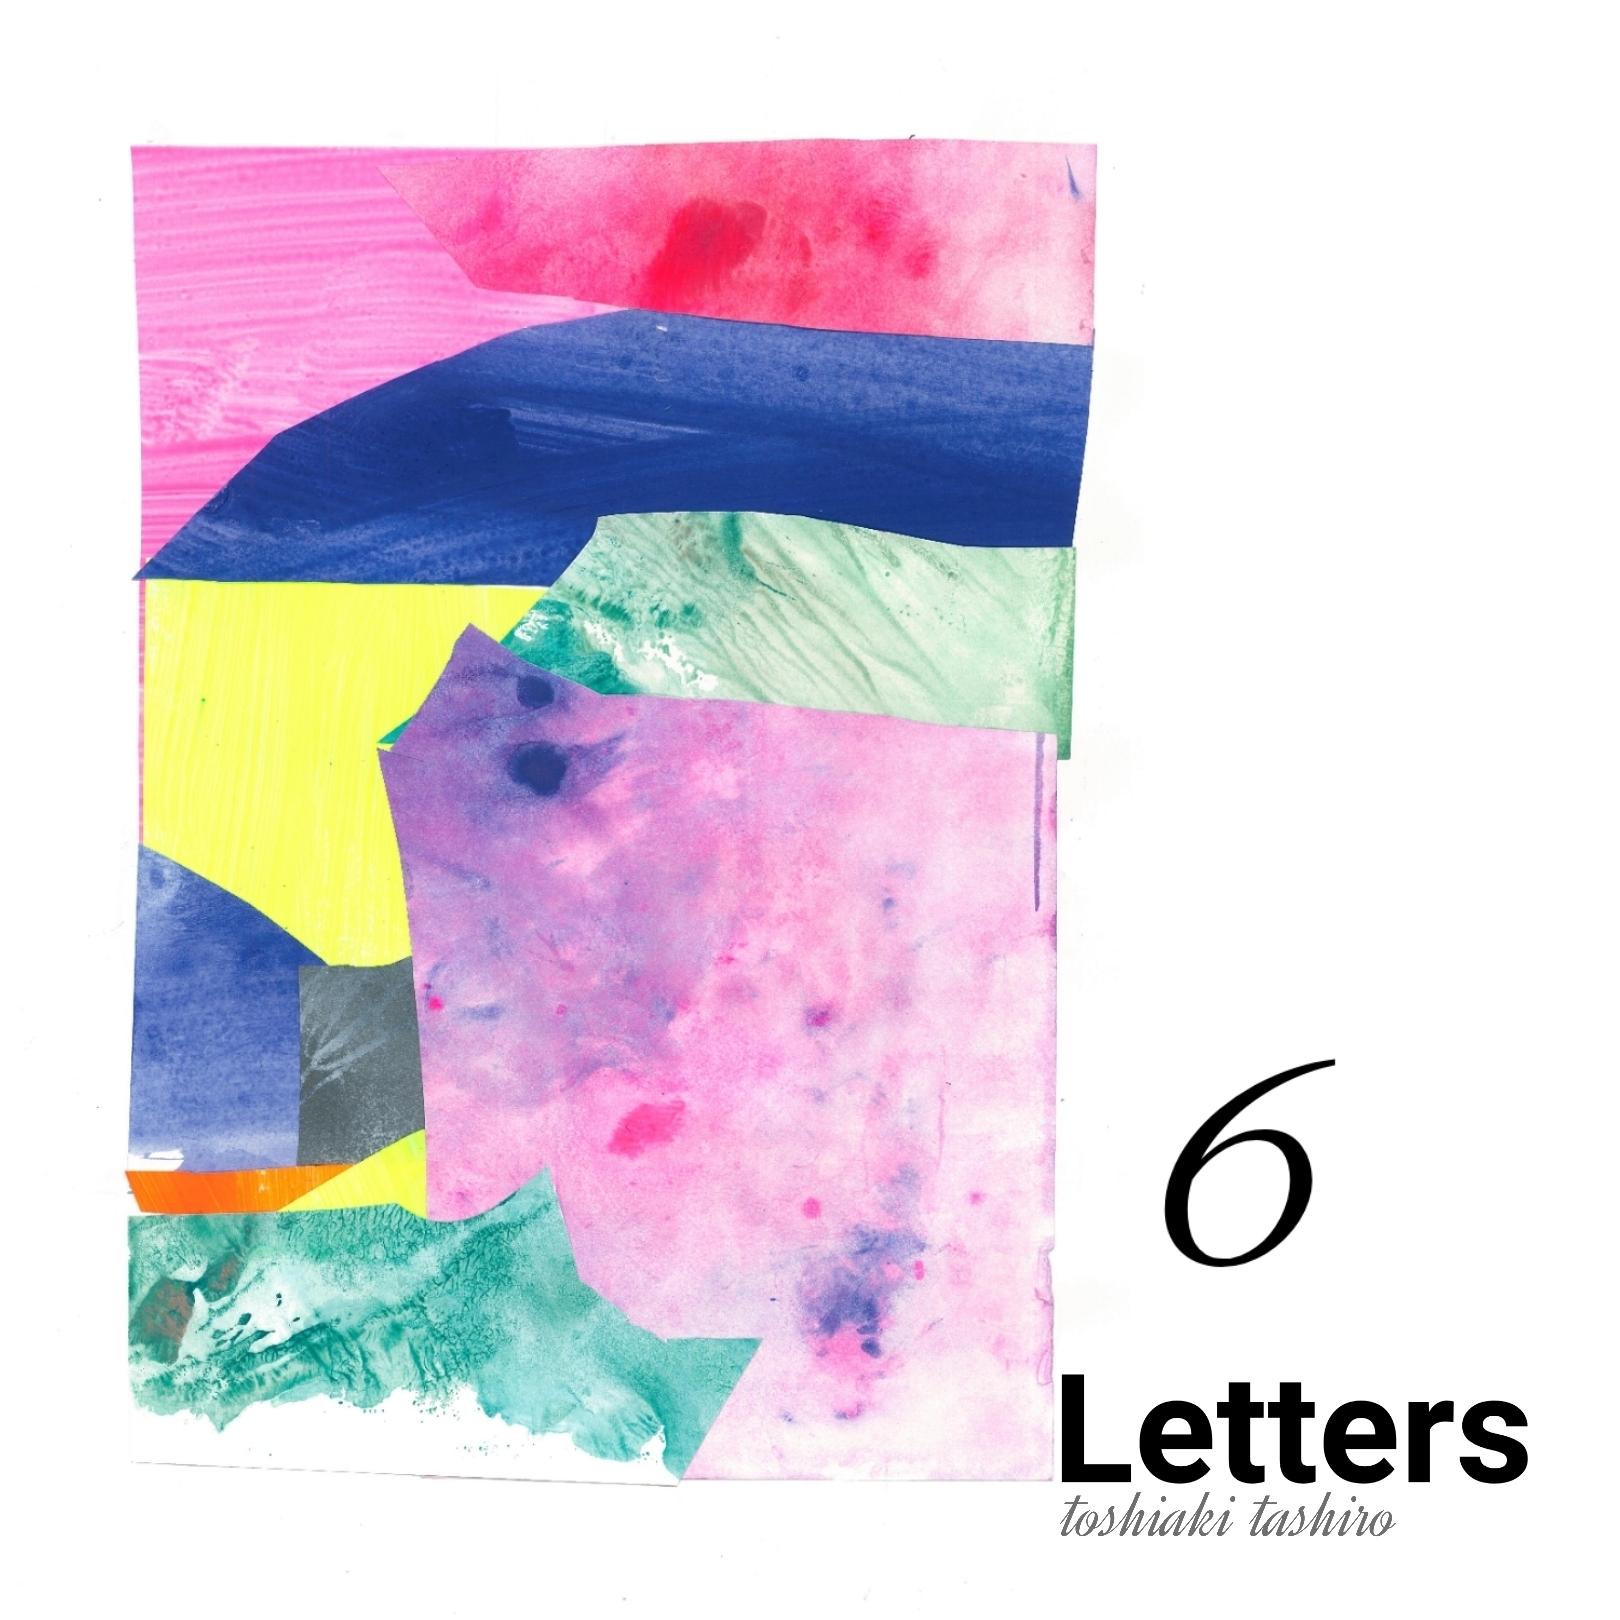 【限定30・原画】(3ヶ月周期 ×6回)田代敏朗が描くあなたのためだけの絵はがき